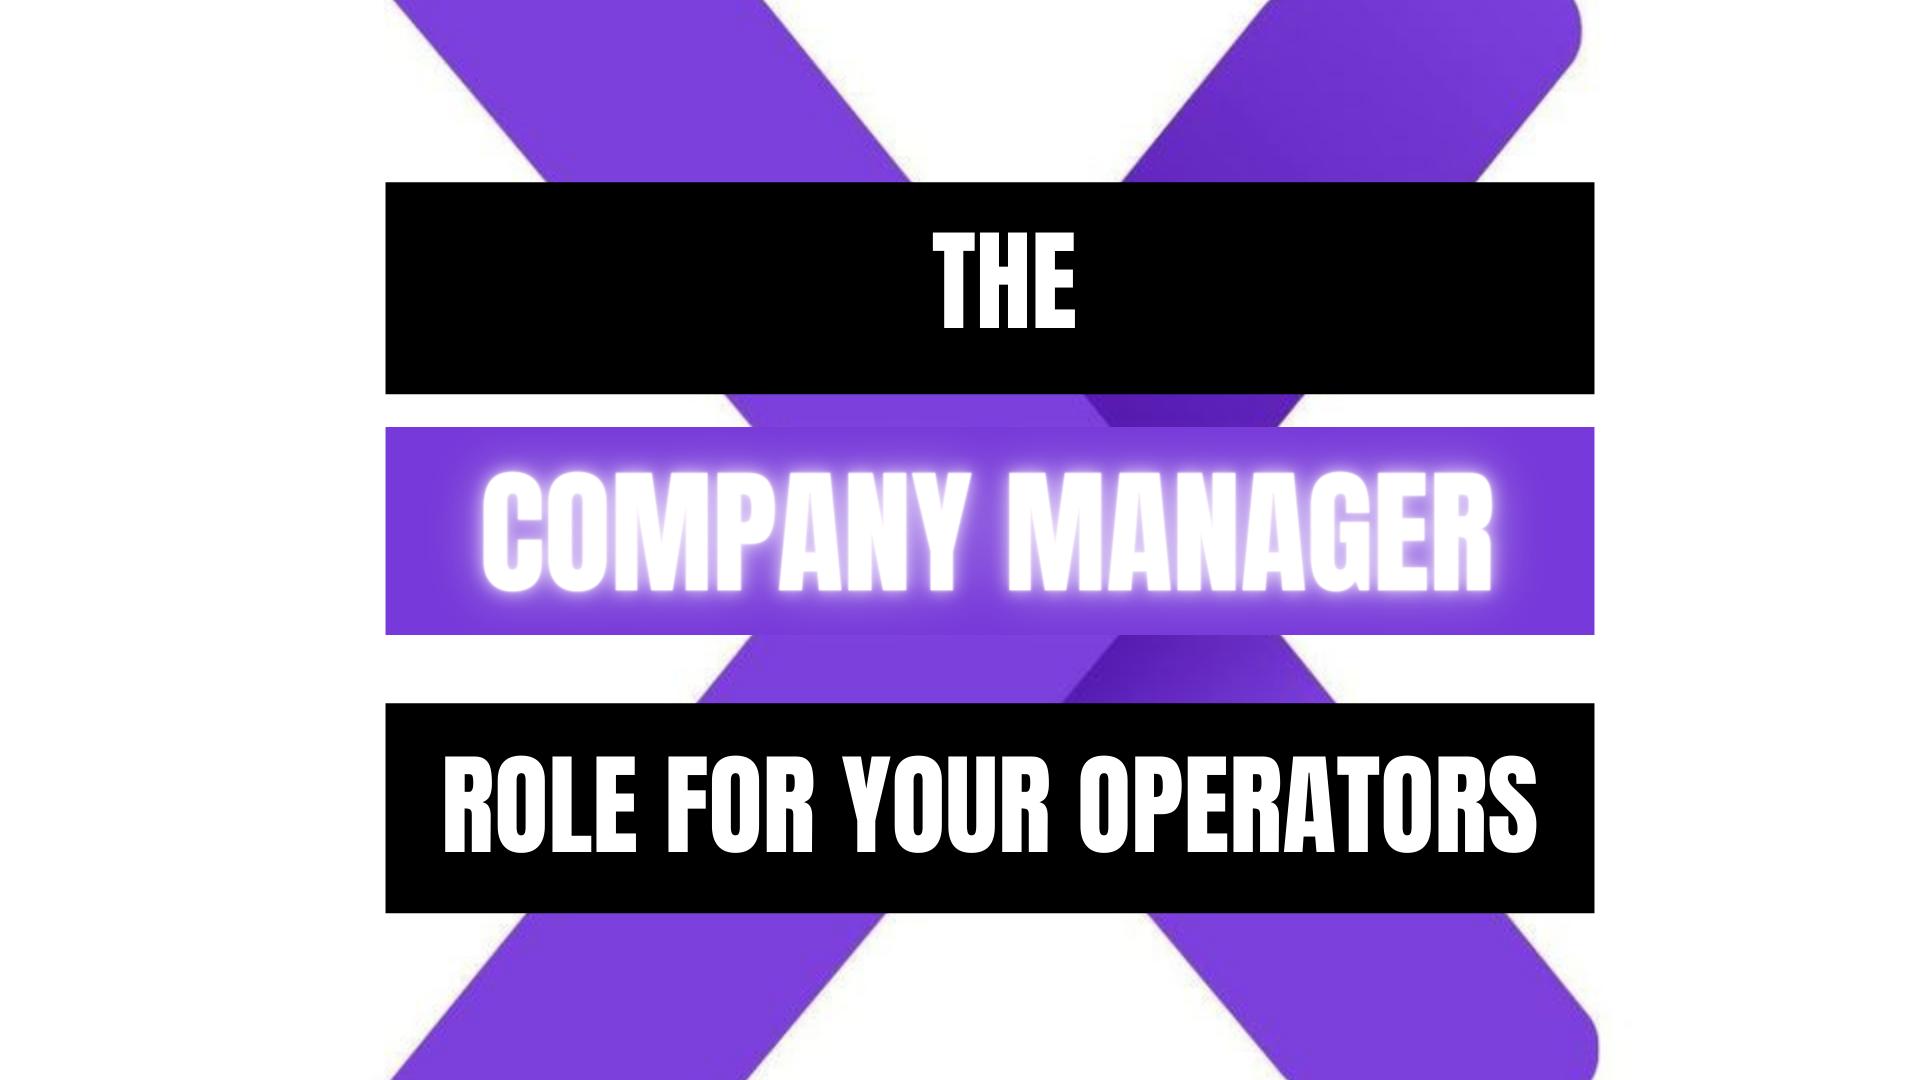 Peekaboox - Company Manager Role